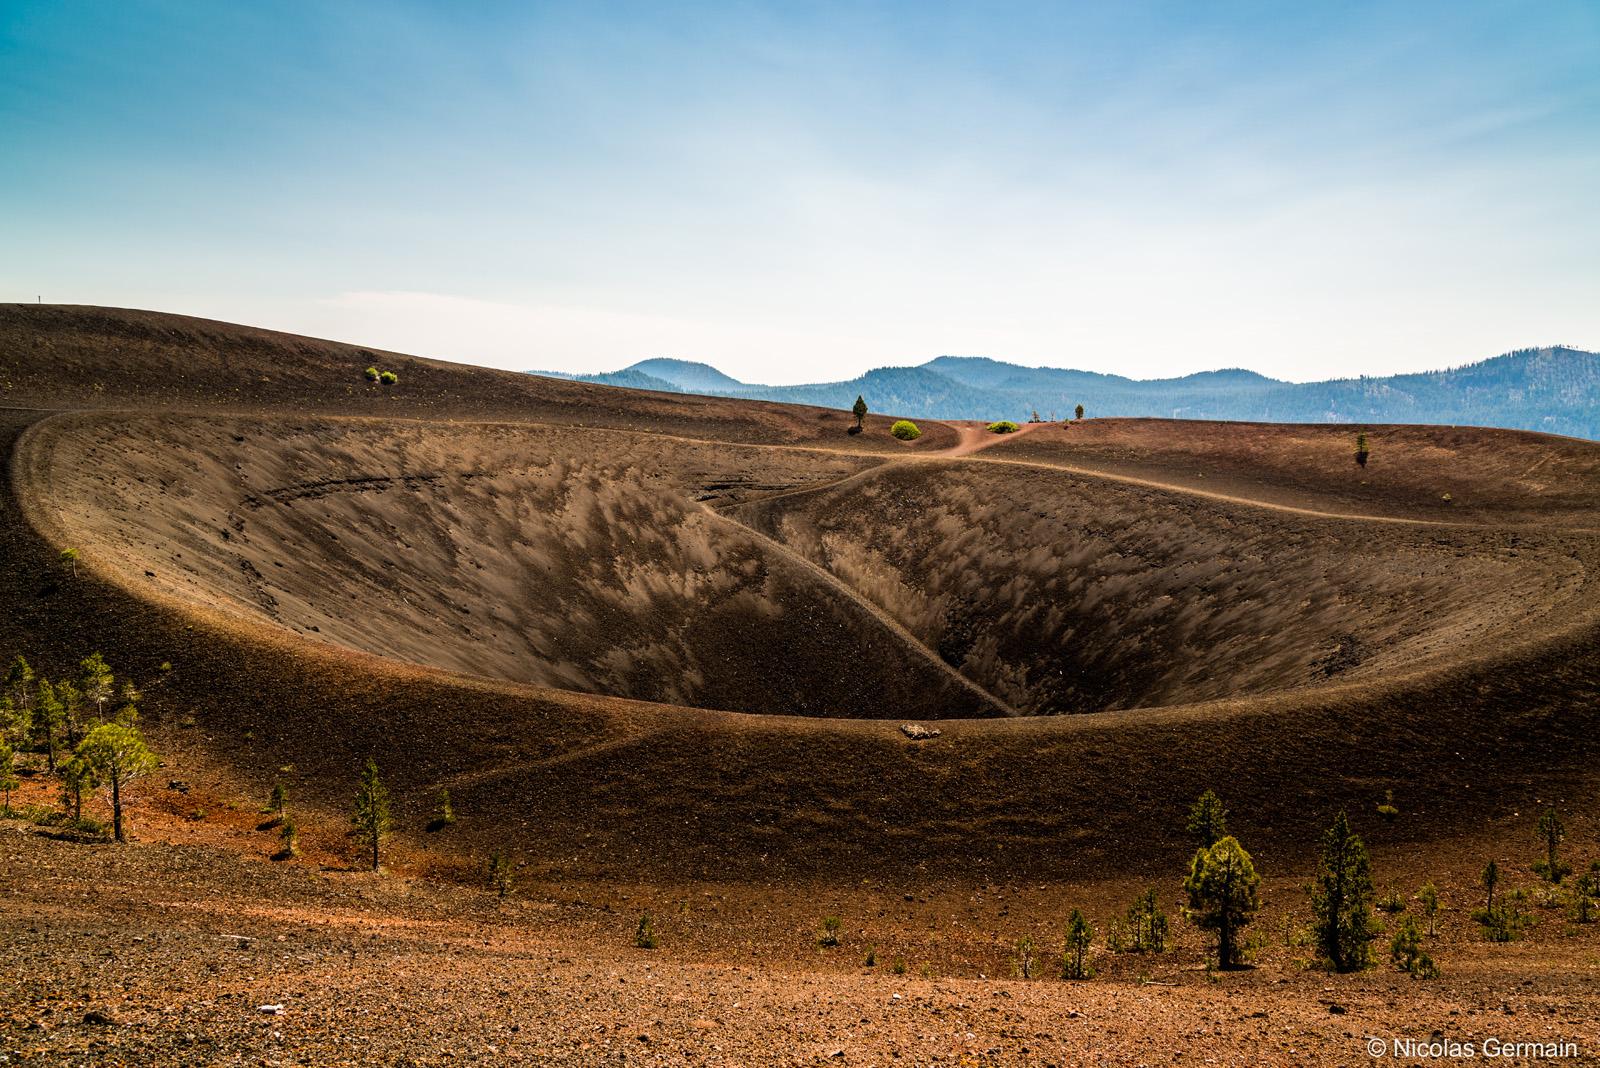 Cratère de Cinder Cone vu de son sommet dans Lassen Volcanic National Park, Californie